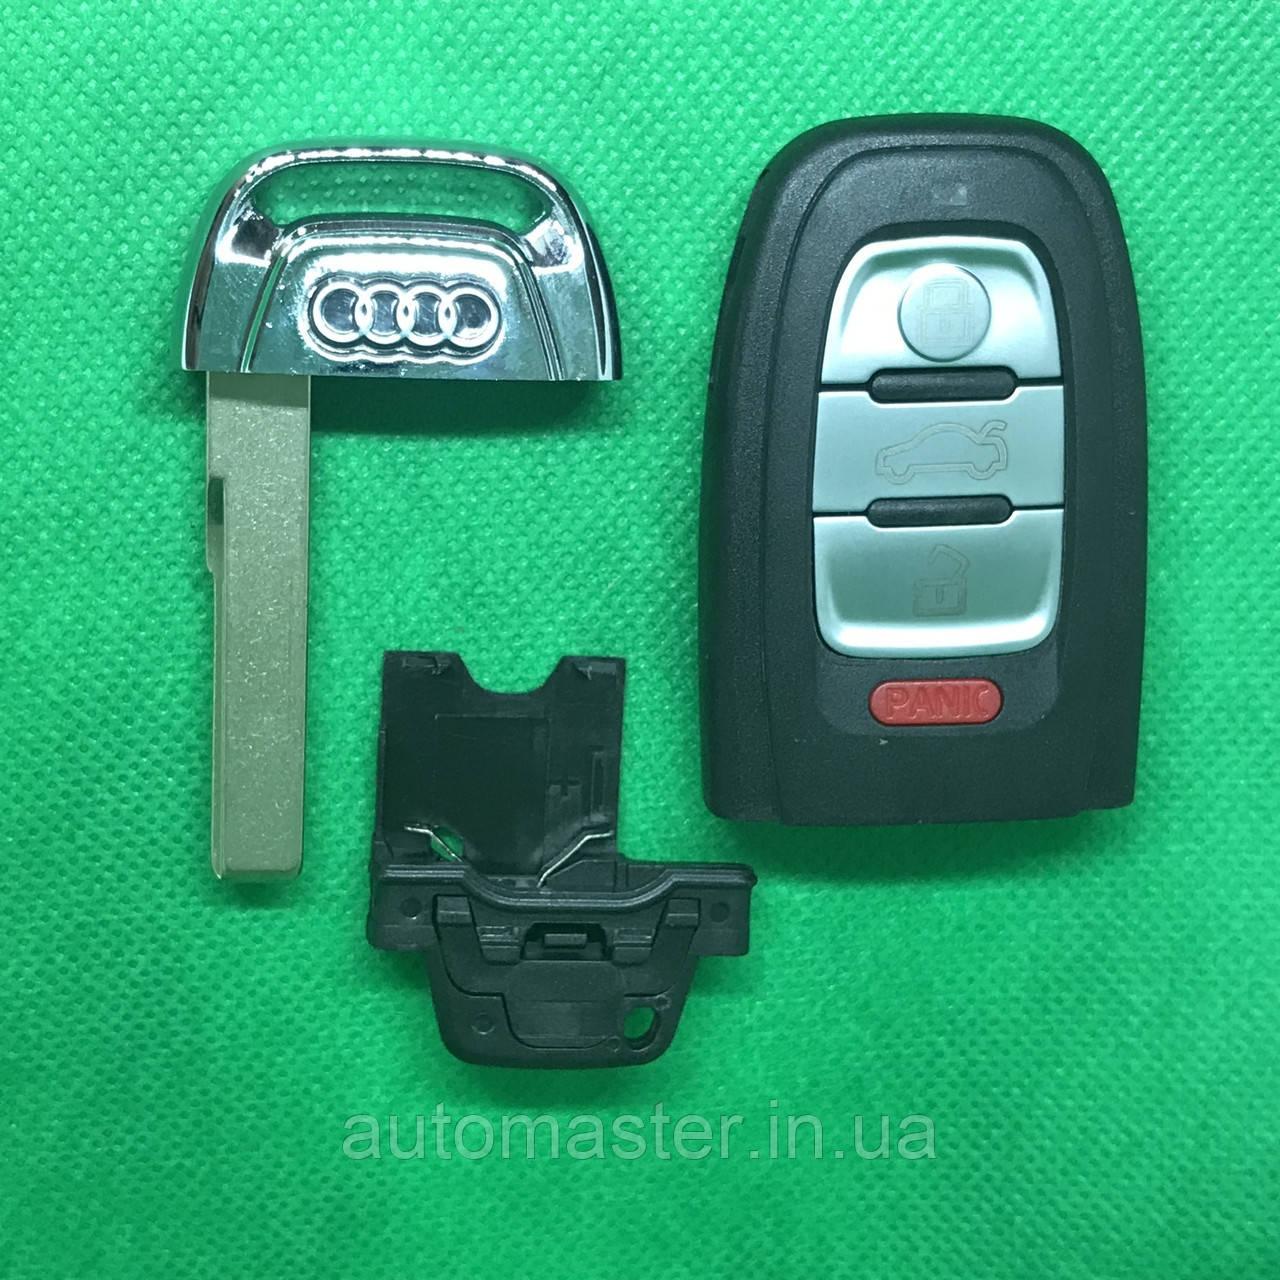 Корпус смарт ключа для американских Audi А3, А4,A4l, А5, А6, А7, А8, Q3, Q5, Q7 (Ауди) 3 - кнопки + Panic